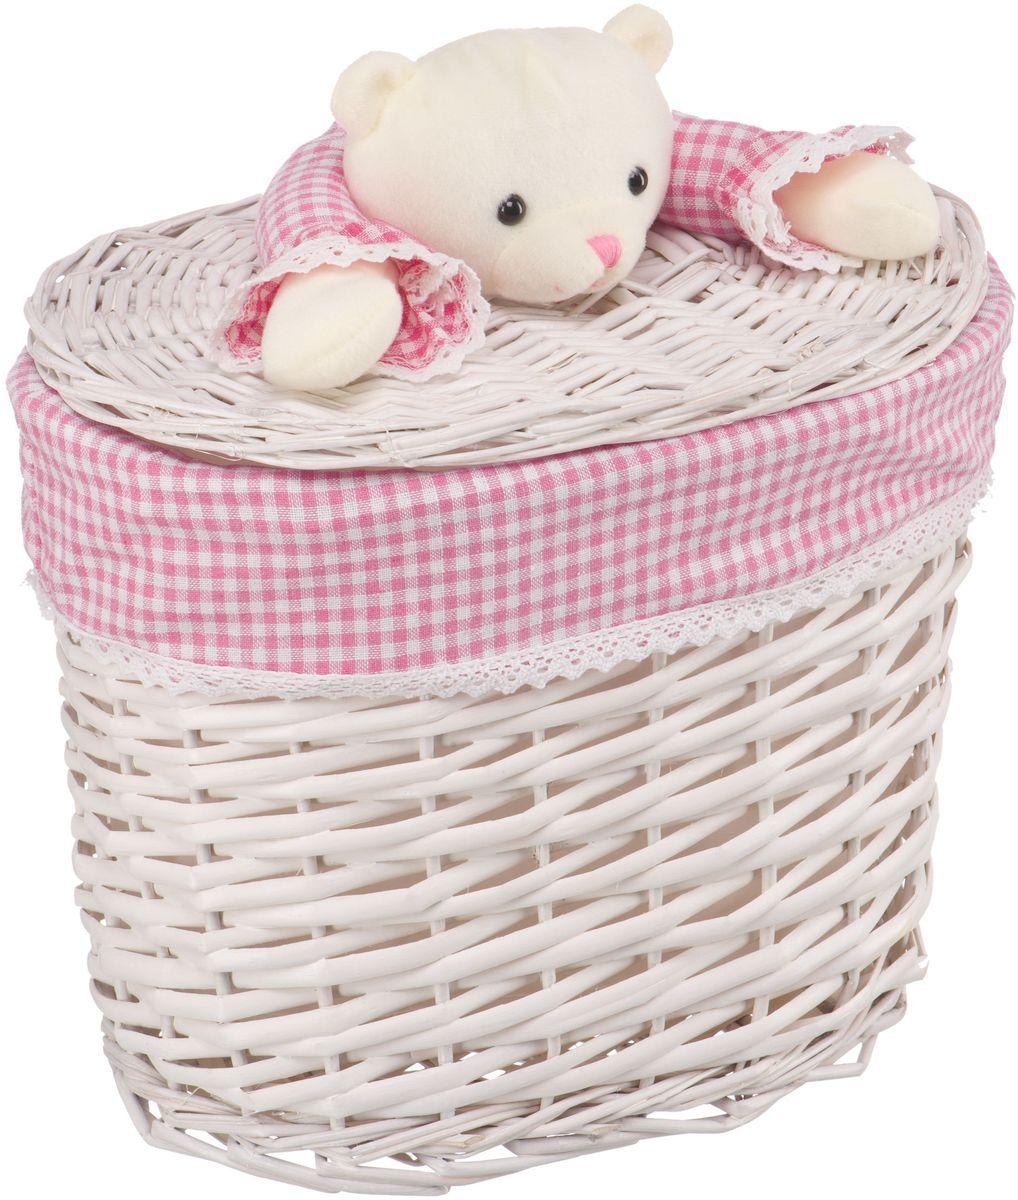 """Корзина для белья Natural House """"Медвежонок"""", цвет: молочный, розовый, 33 x 21 x 28 см"""